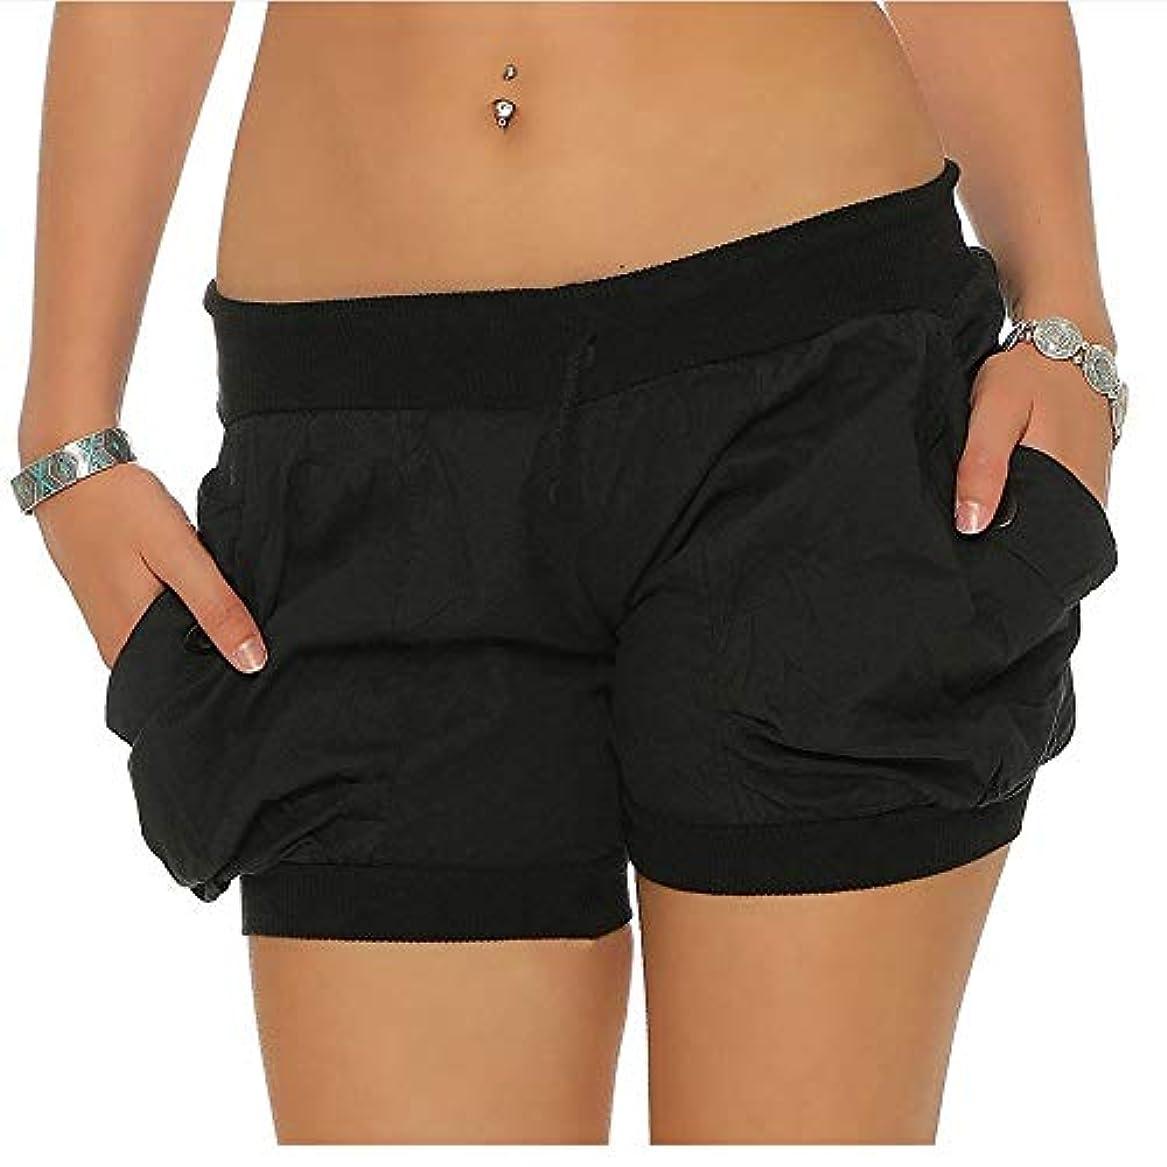 アラスカバクテリア彼女はMIFAN ショートパンツ、女性のショートパンツ、無地、ビーチショートパンツ、セクシーなパンツ、カジュアルパンツ、ファッションパンツ